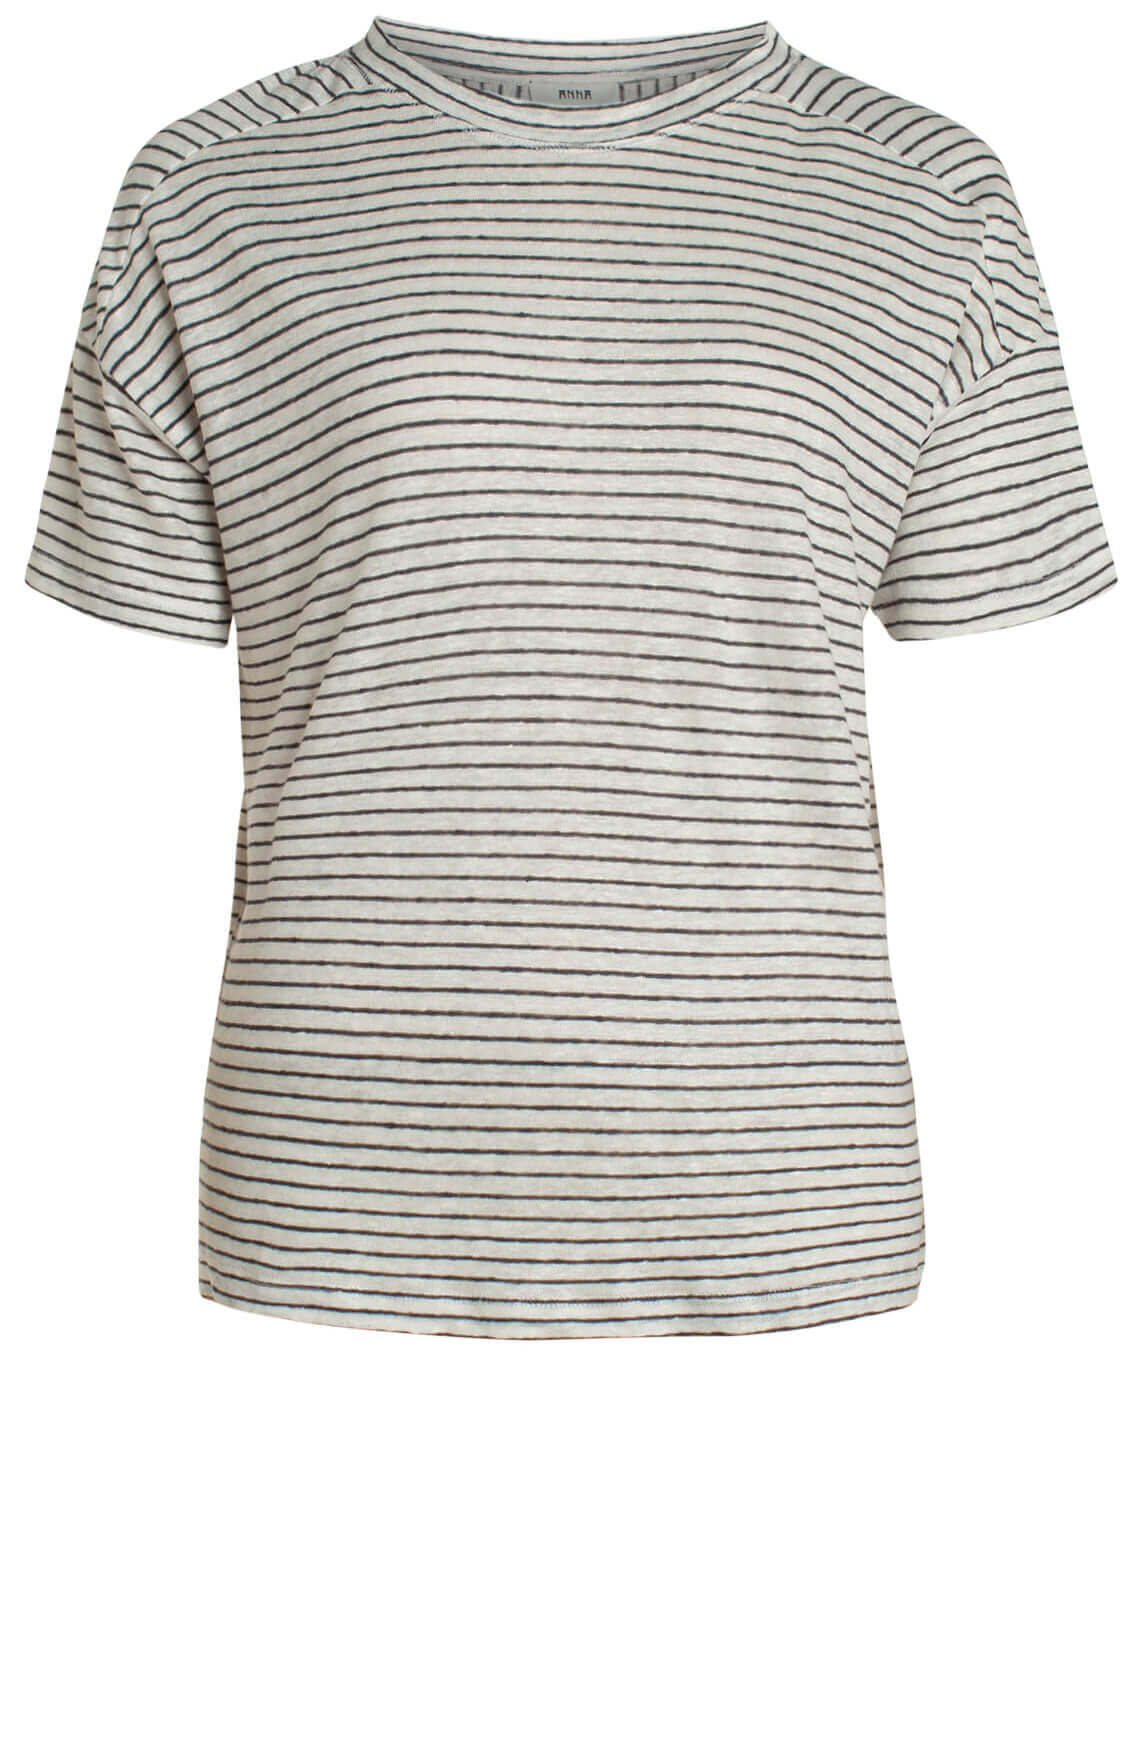 Anna Dames Linnen shirt met strepen wit